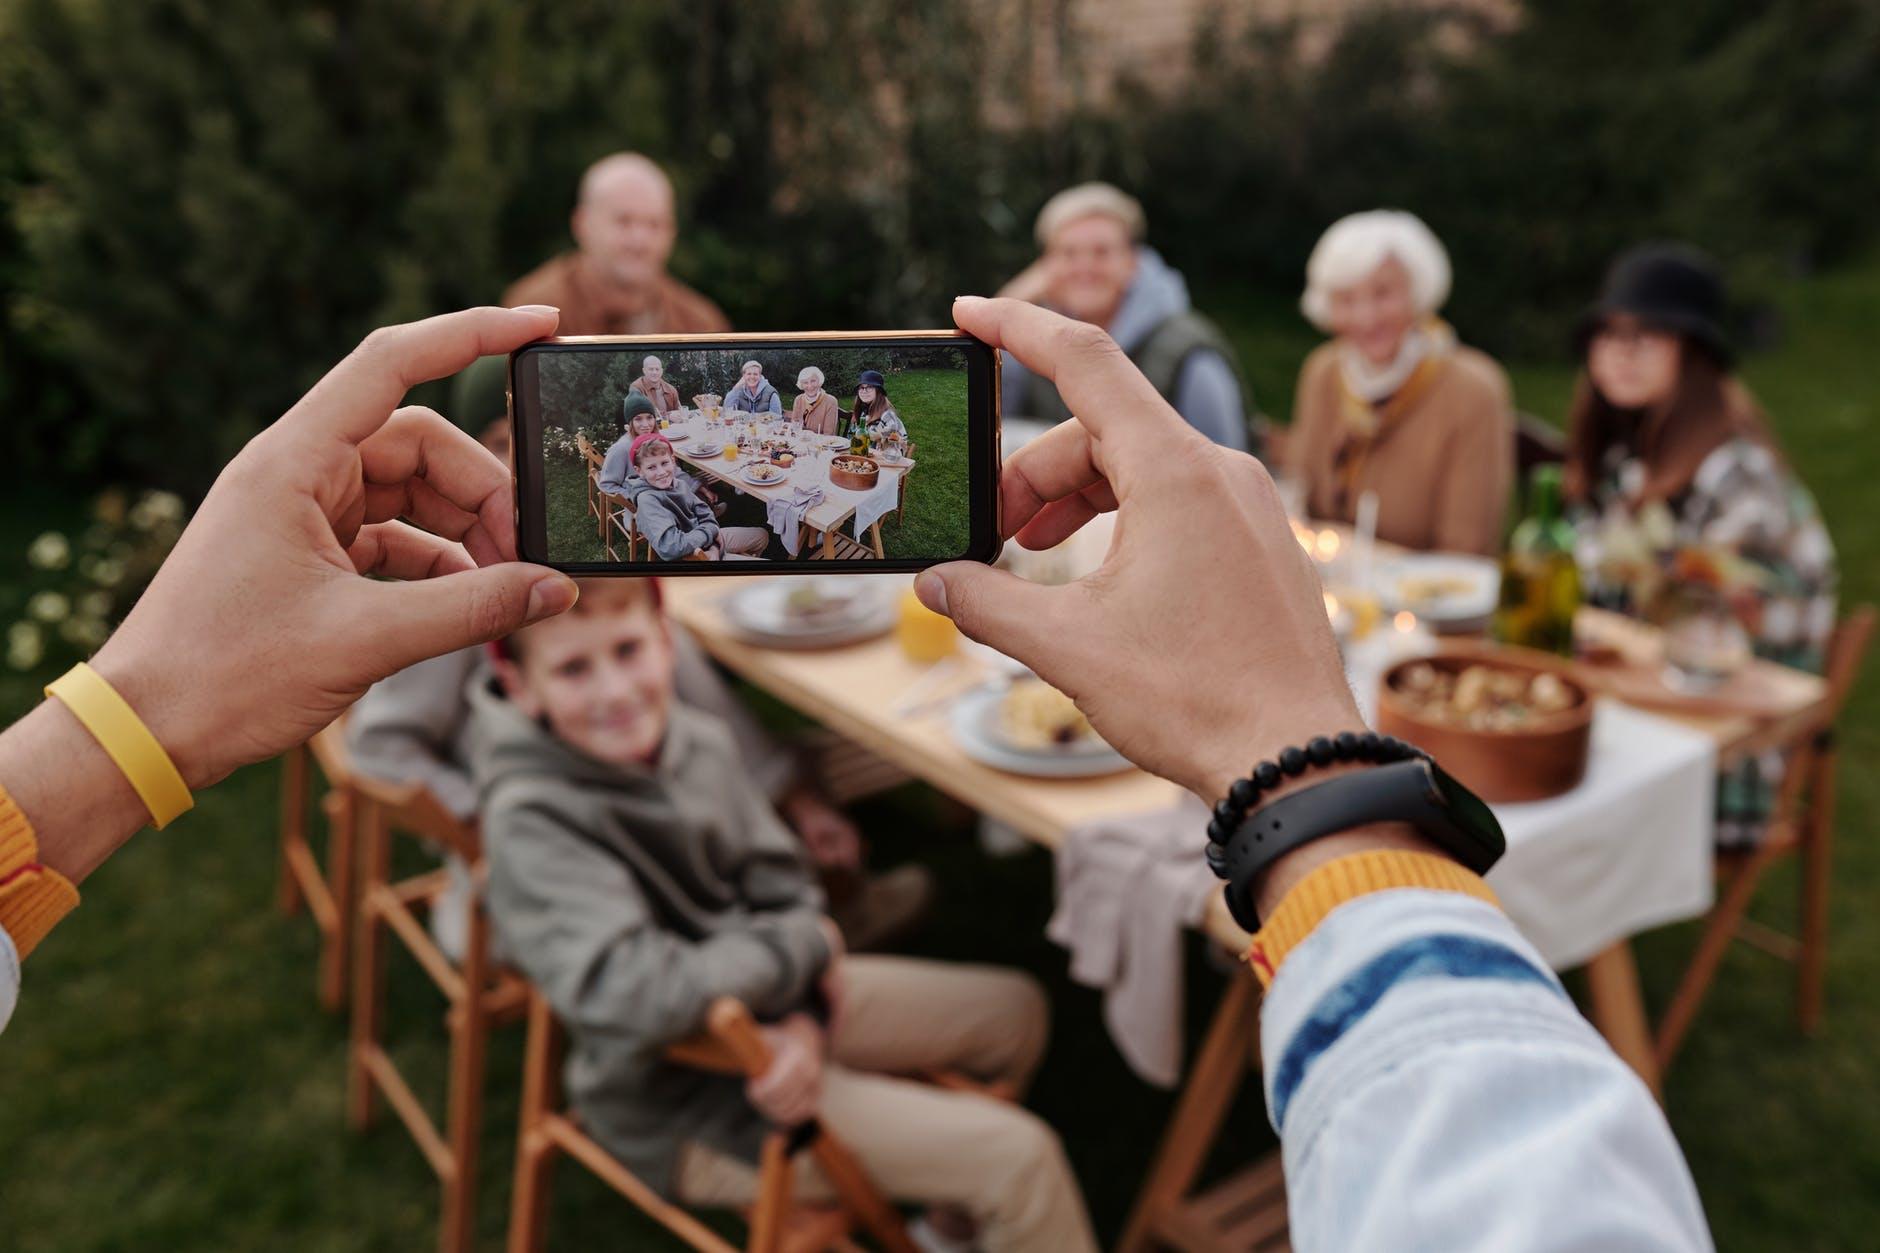 smartphone[:]